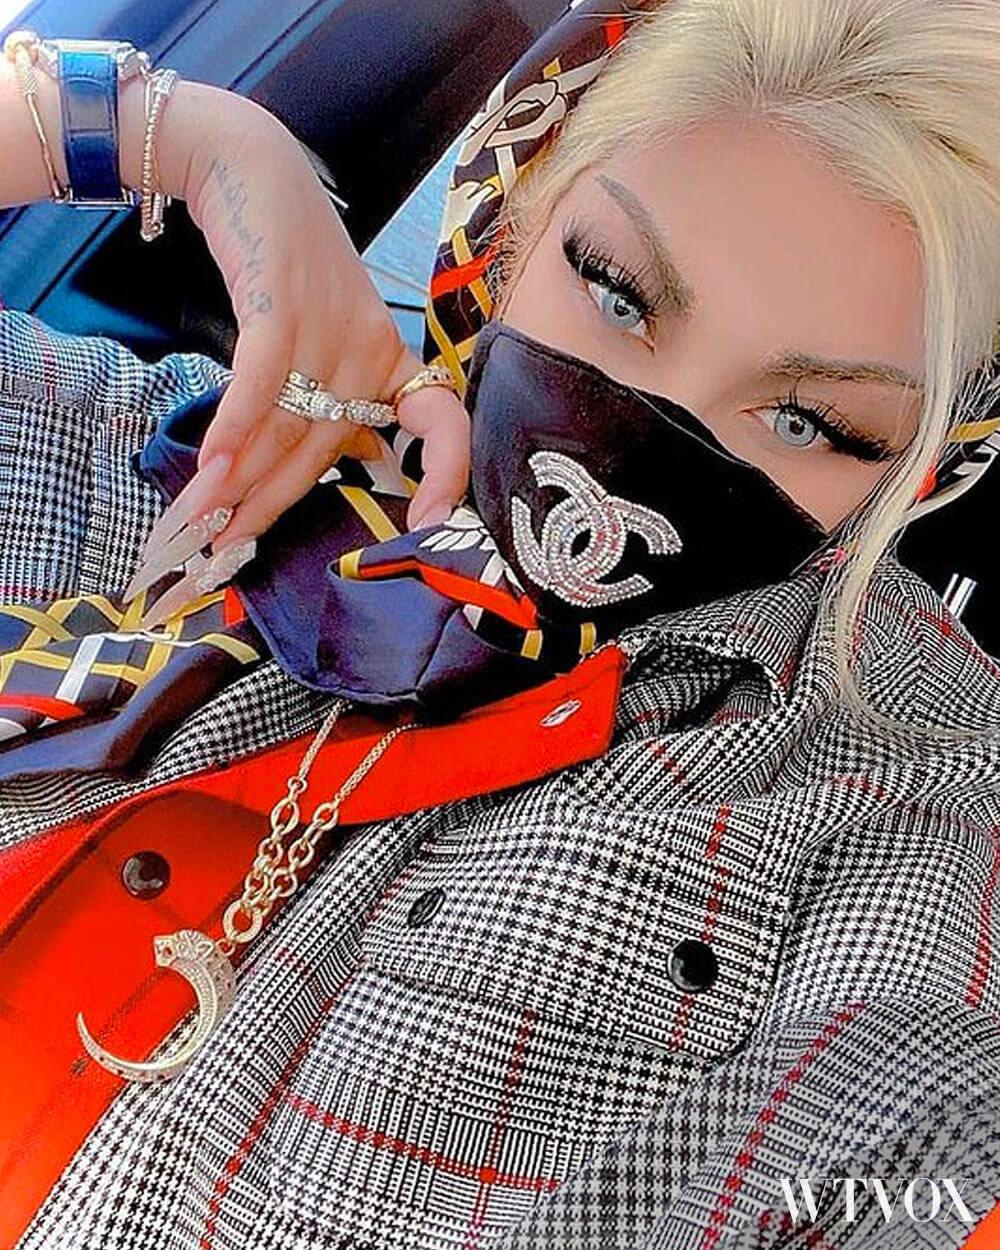 @negar.rokni wearing Chanel face mask